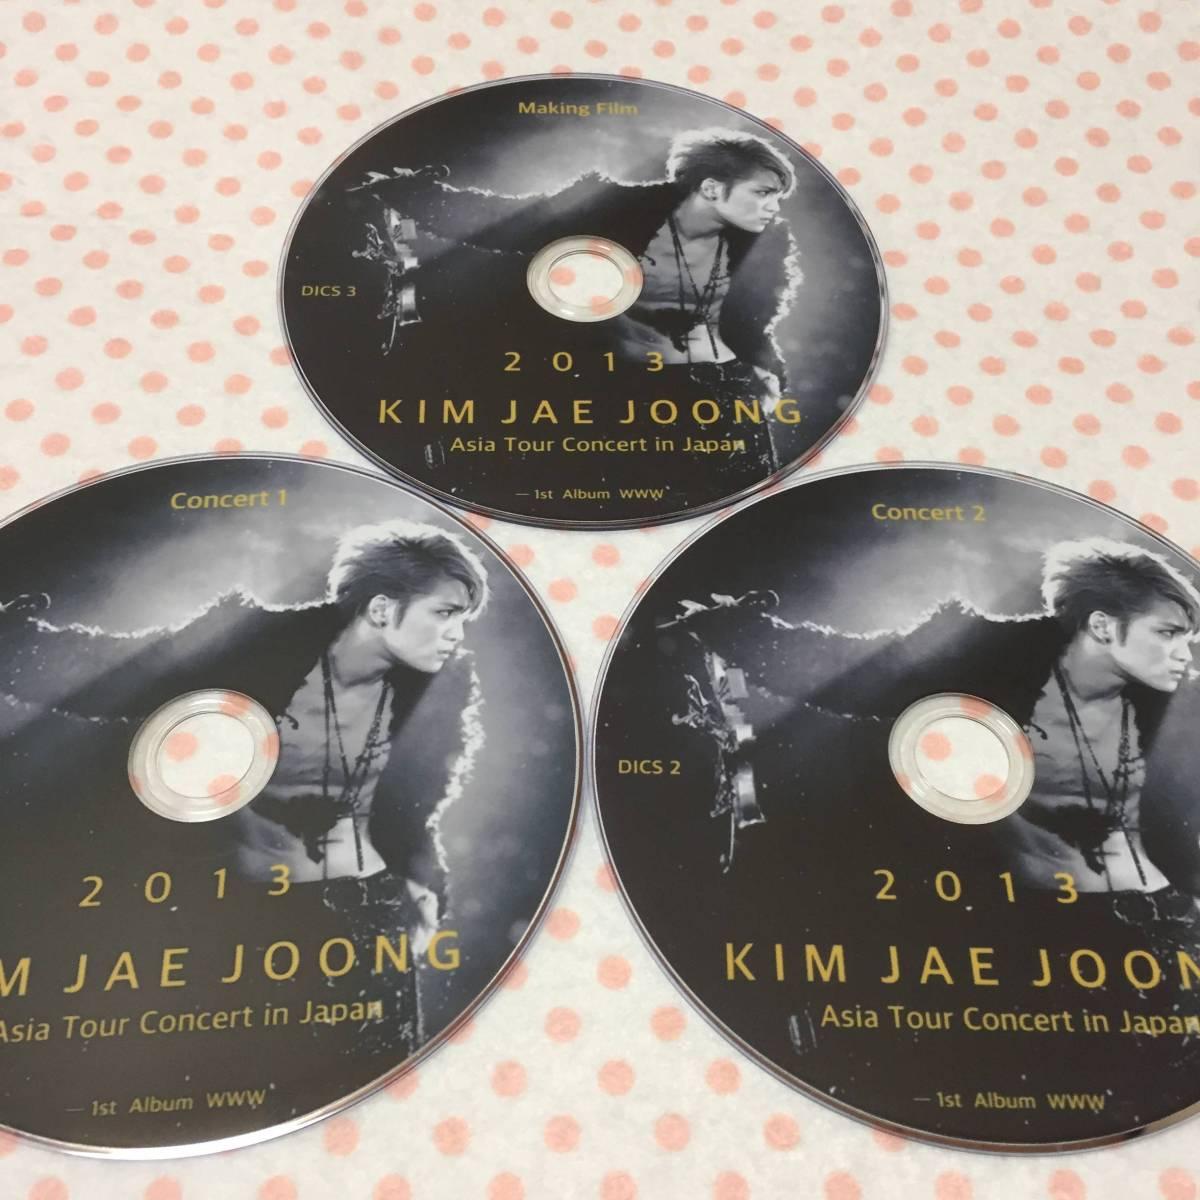 ジェジュン ◆ 2013 Asia Tour Concert in JAPAN 横浜スタジアム DVD ◆ JYJ